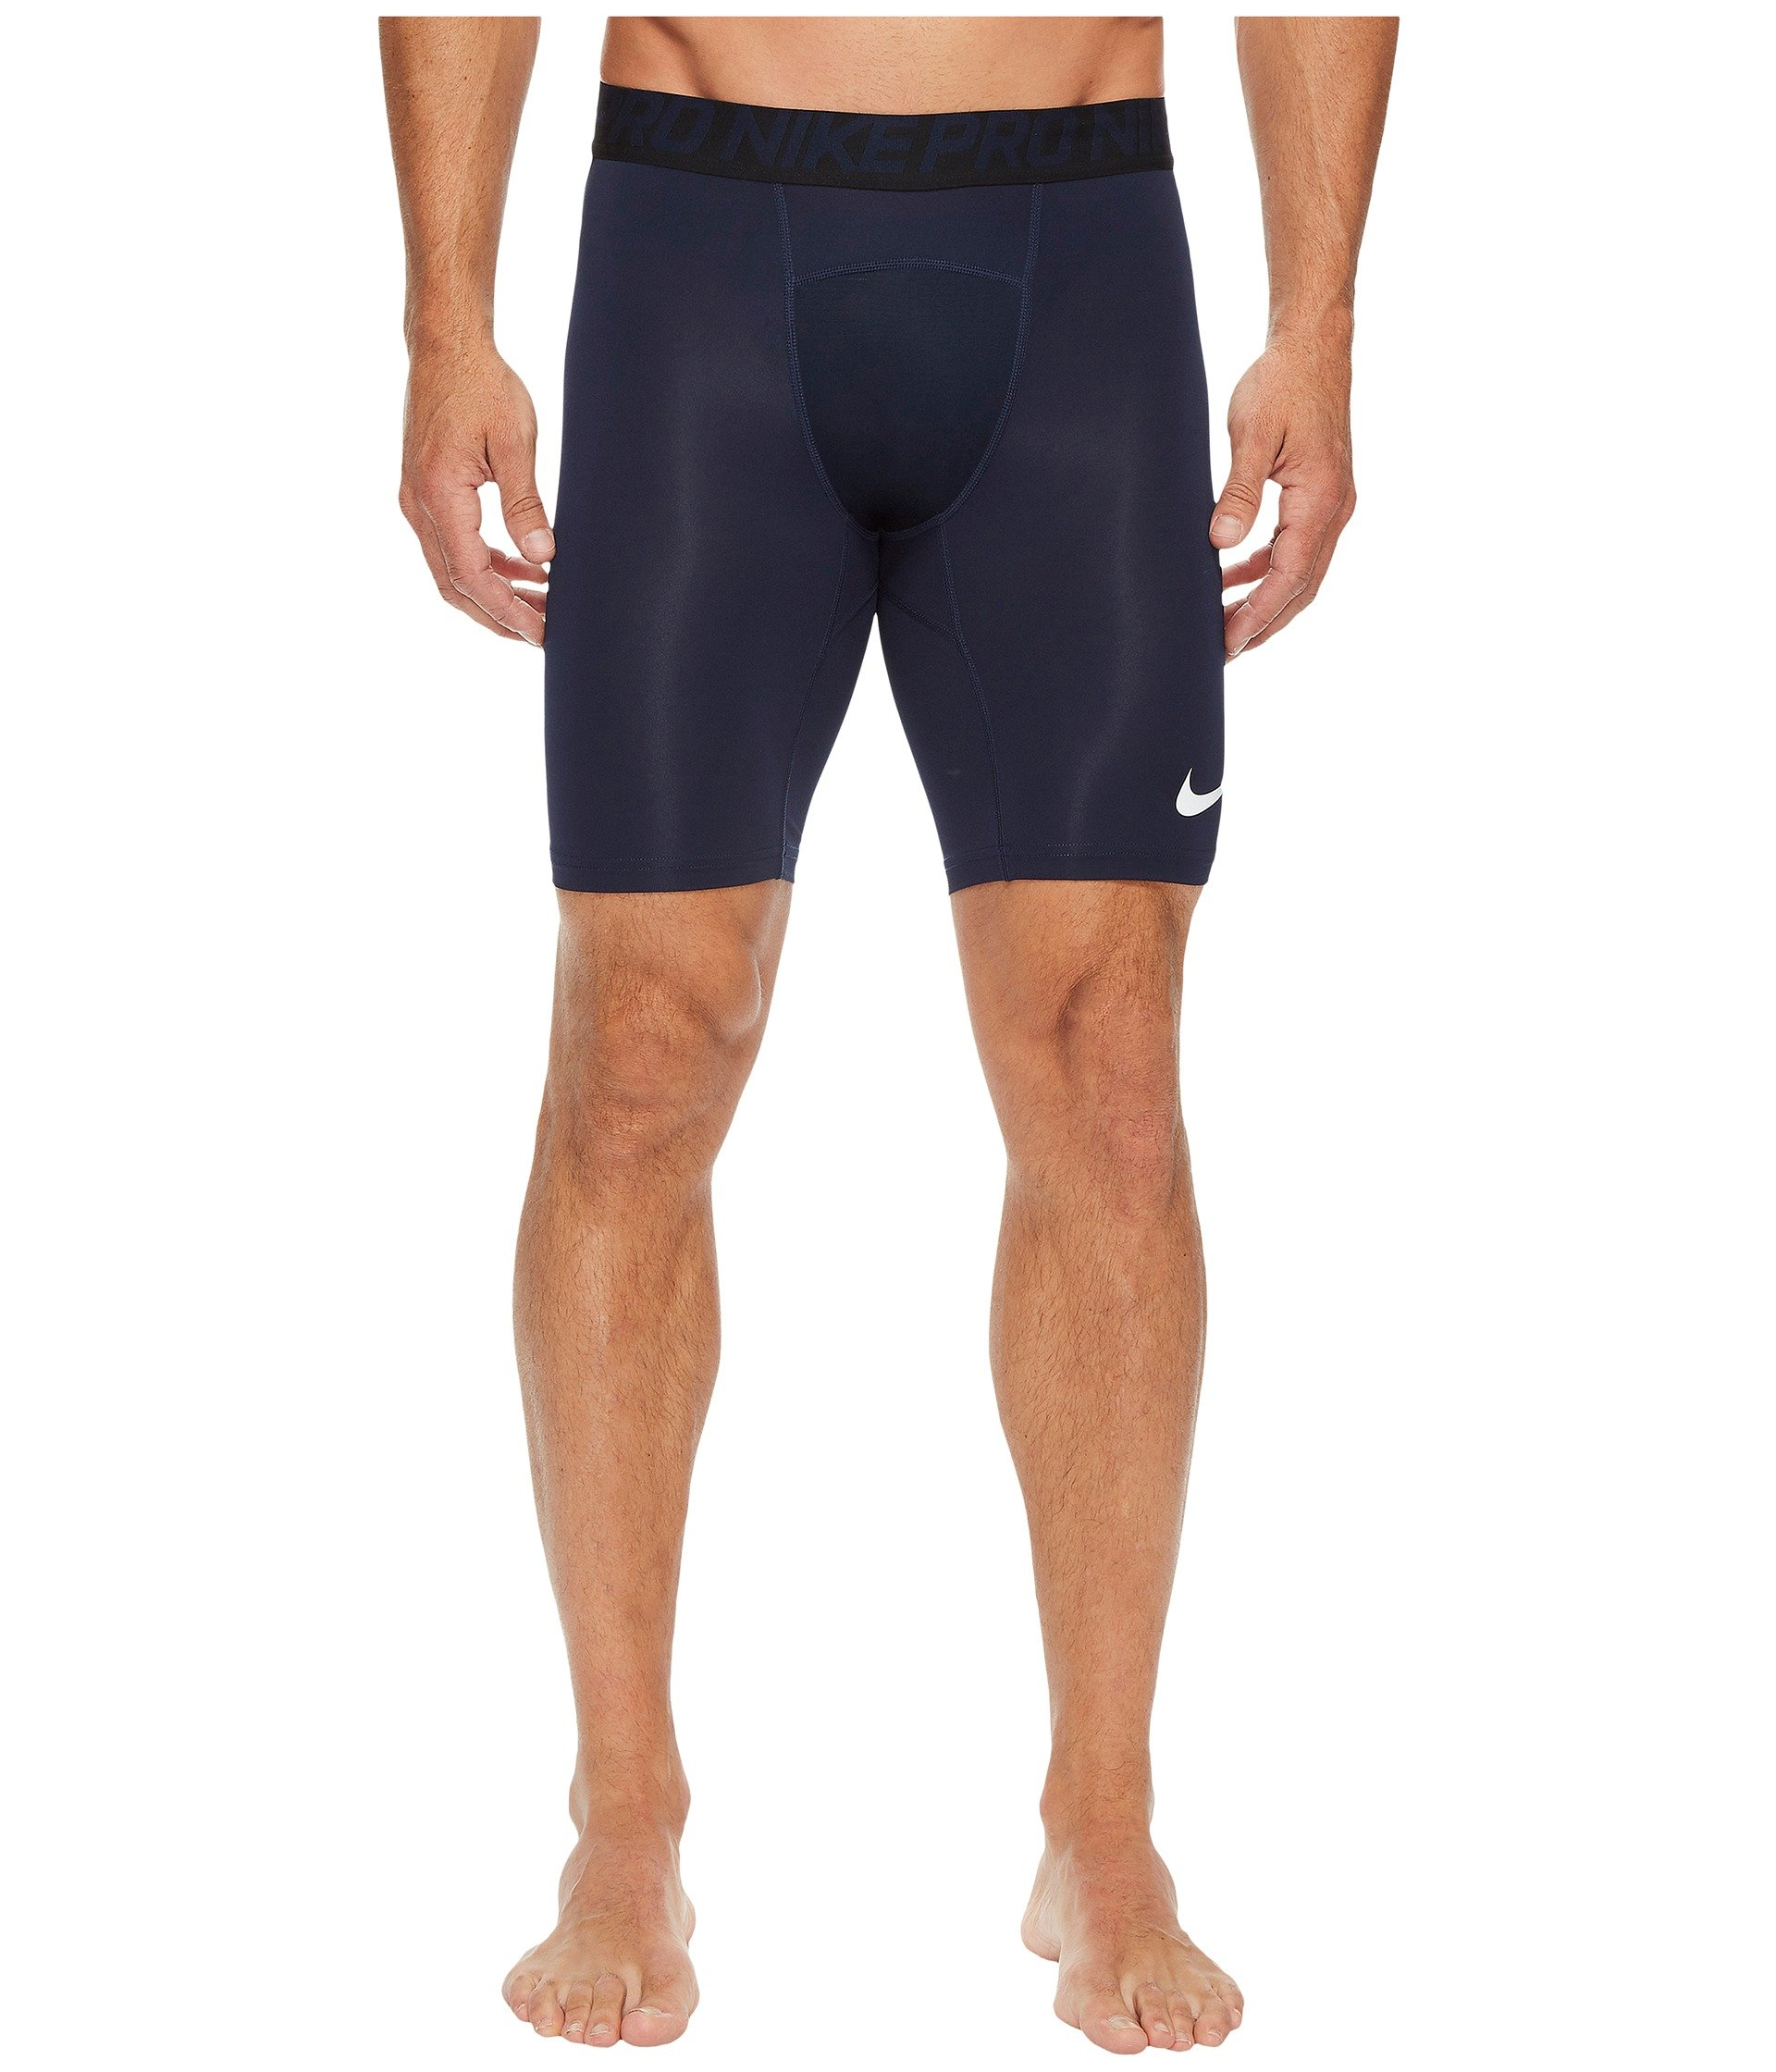 Nike Men Pro Training Shorts, Obsidian/White/White, Size 2X-Large by Nike